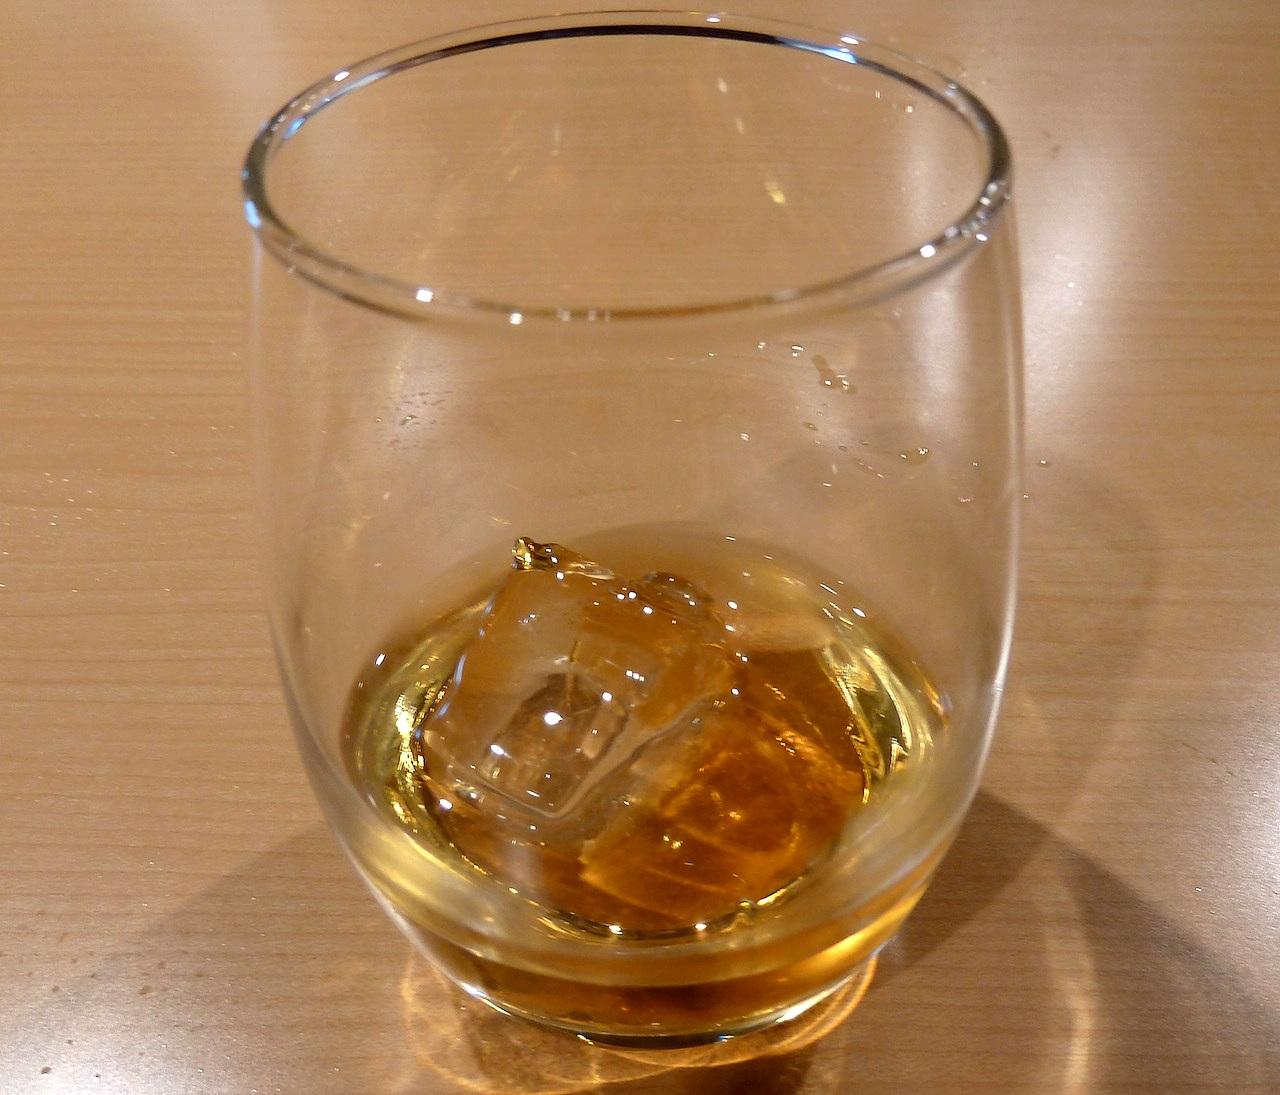 北海道の余市の観光旅行 マッサンのニッカウヰスキー蒸留所の無料試飲アップルワイン